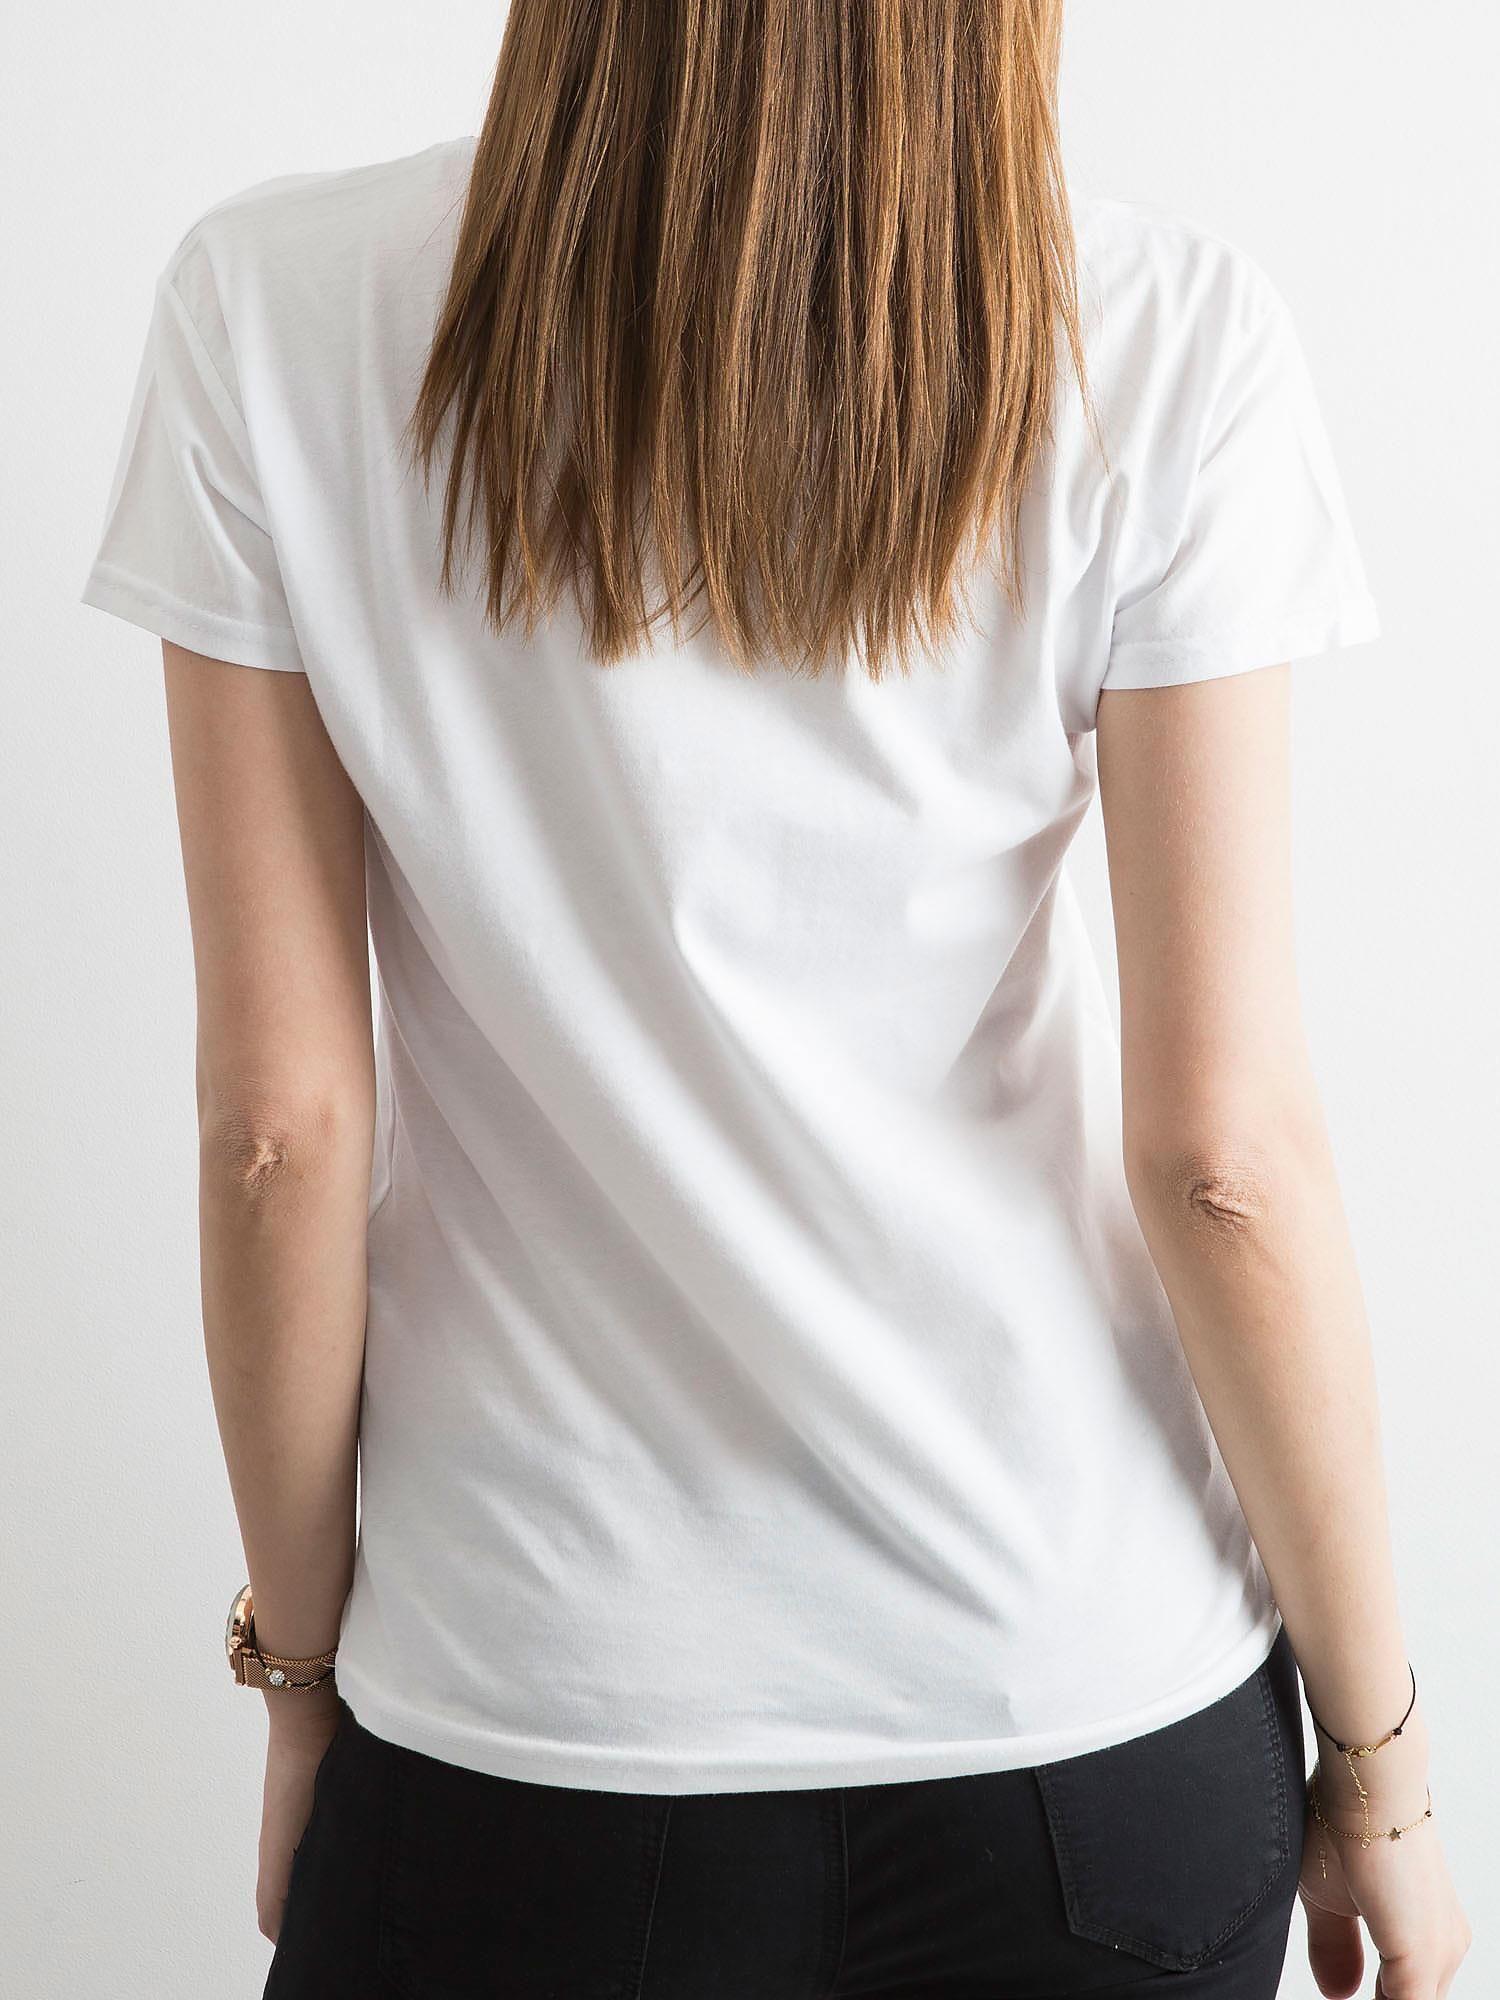 a3cd0b883b141d T-shirt damski z naszywką biały - T-shirt z aplikacją - sklep eButik.pl